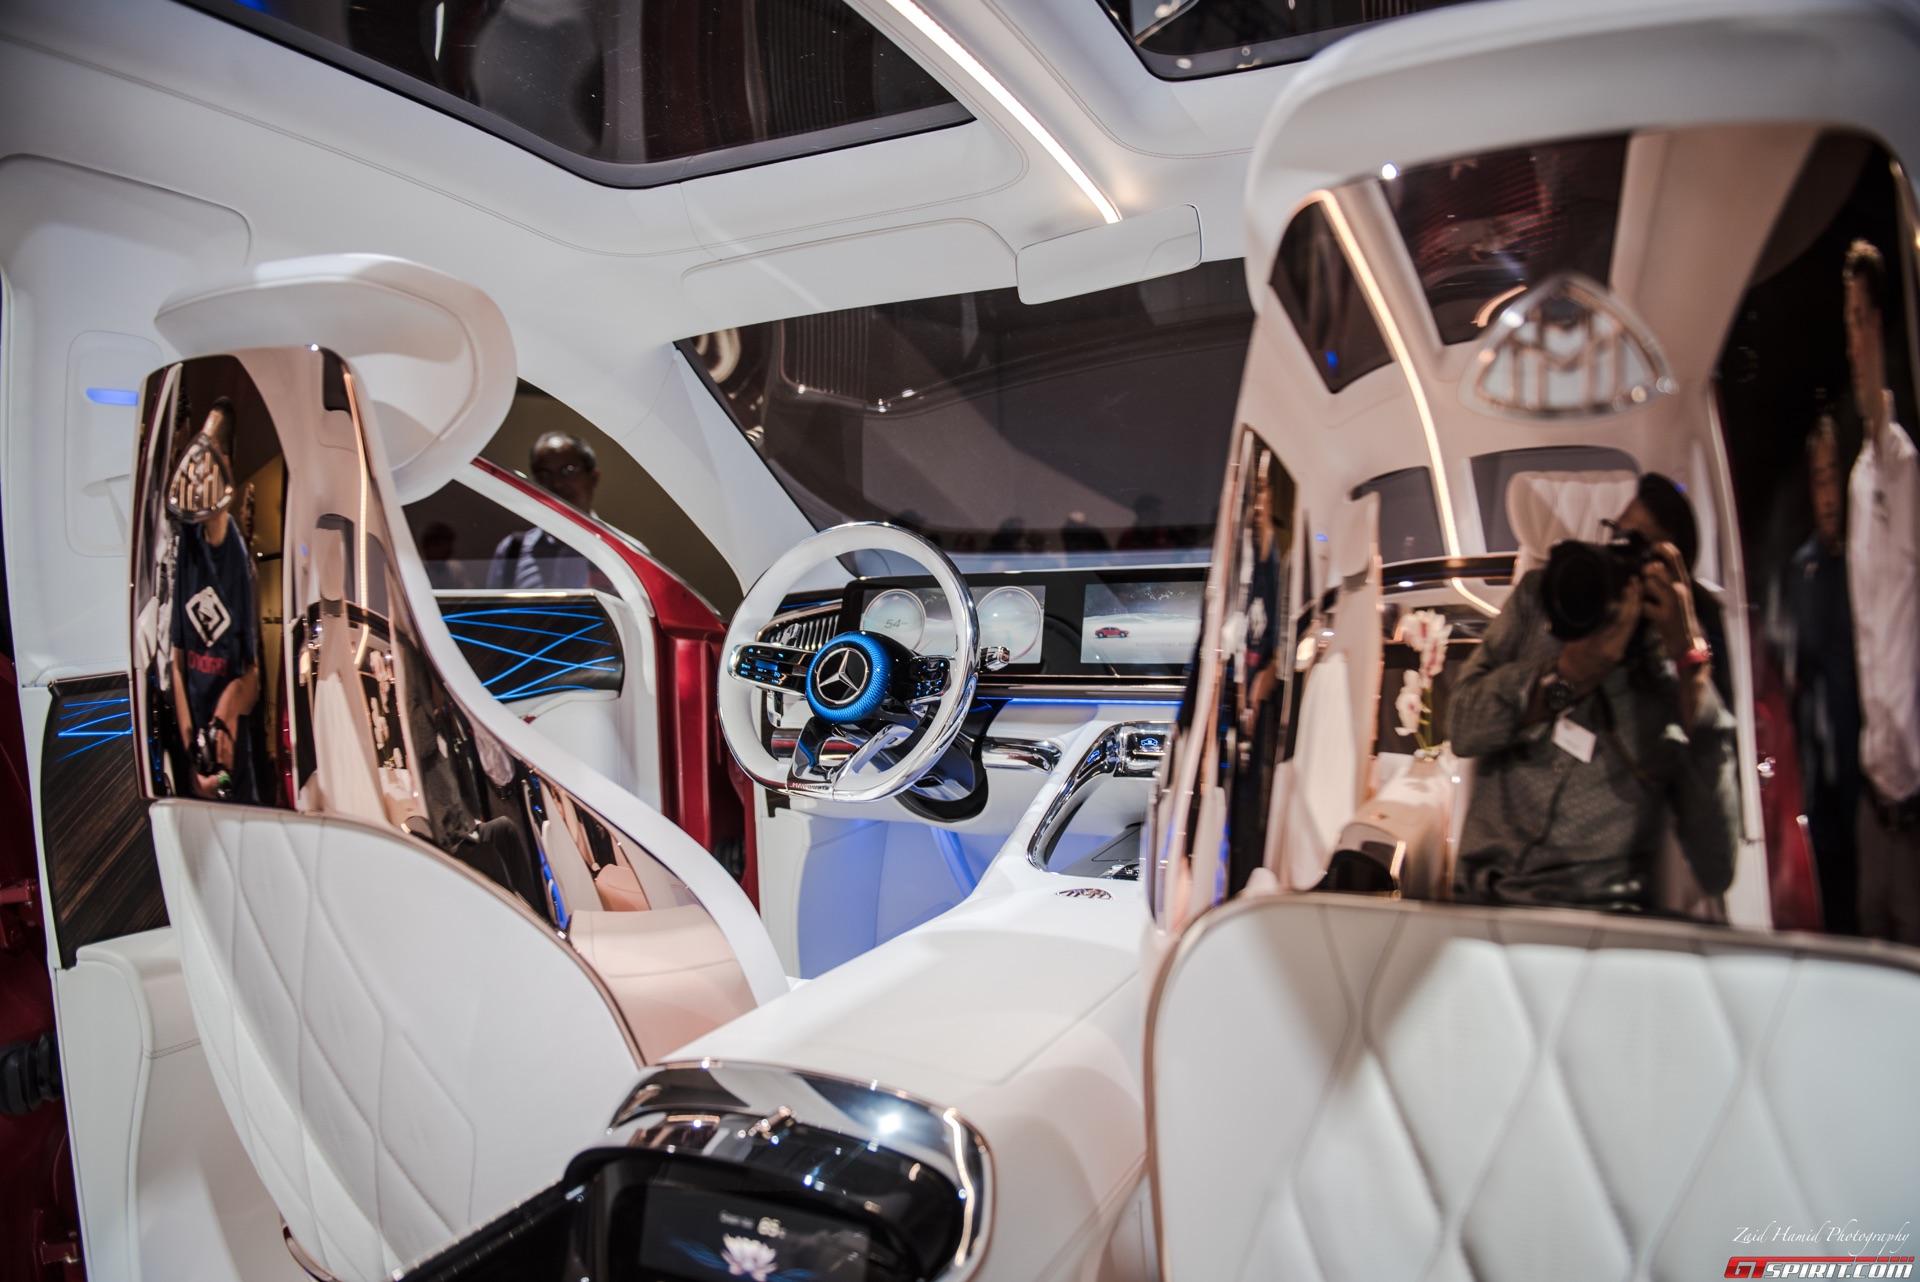 Концептуальный автомобиль представляет собой соединение универсала высокого класса и внедорожника для комфорта одного в сочетании с стильным кузовом другого. Это означает, что концепция имеет преимущество высокой посадки внедорожника и чувственной эс